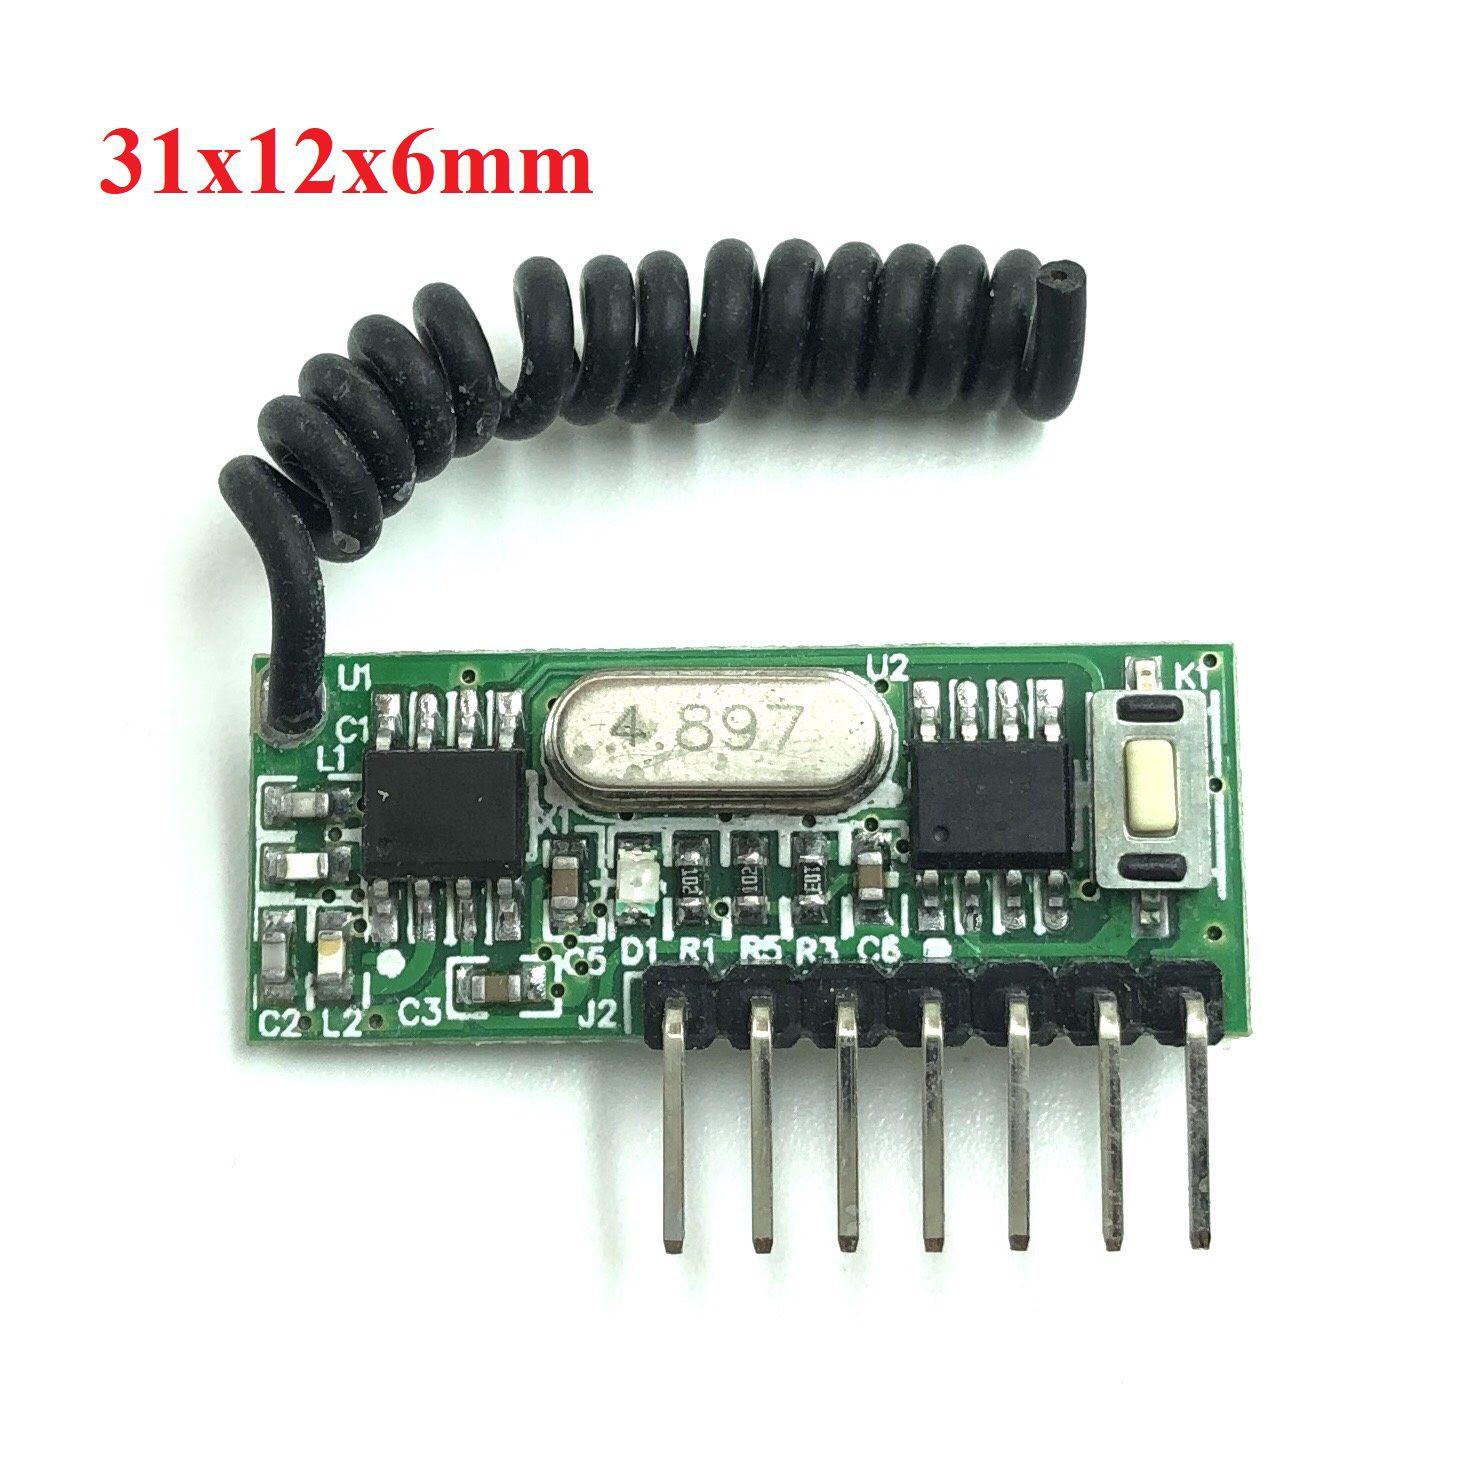 Module thu RF học lệnh 315Mhz RX480E - X2H8